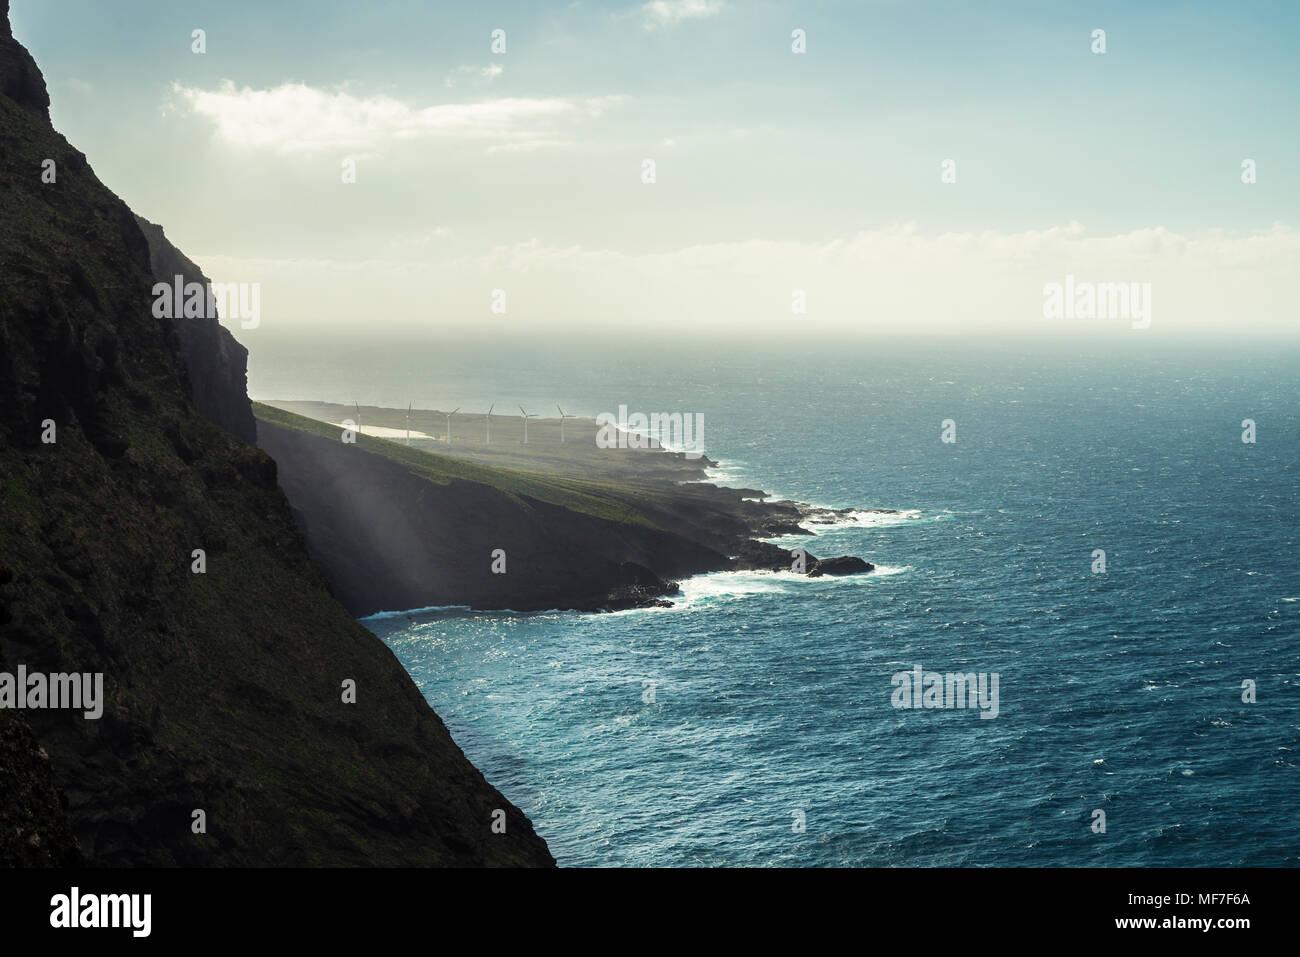 Spanien, Kanarische Inseln, Teneriffa, Punta de Teno, Windenergieanlagen an der Küste Stockbild